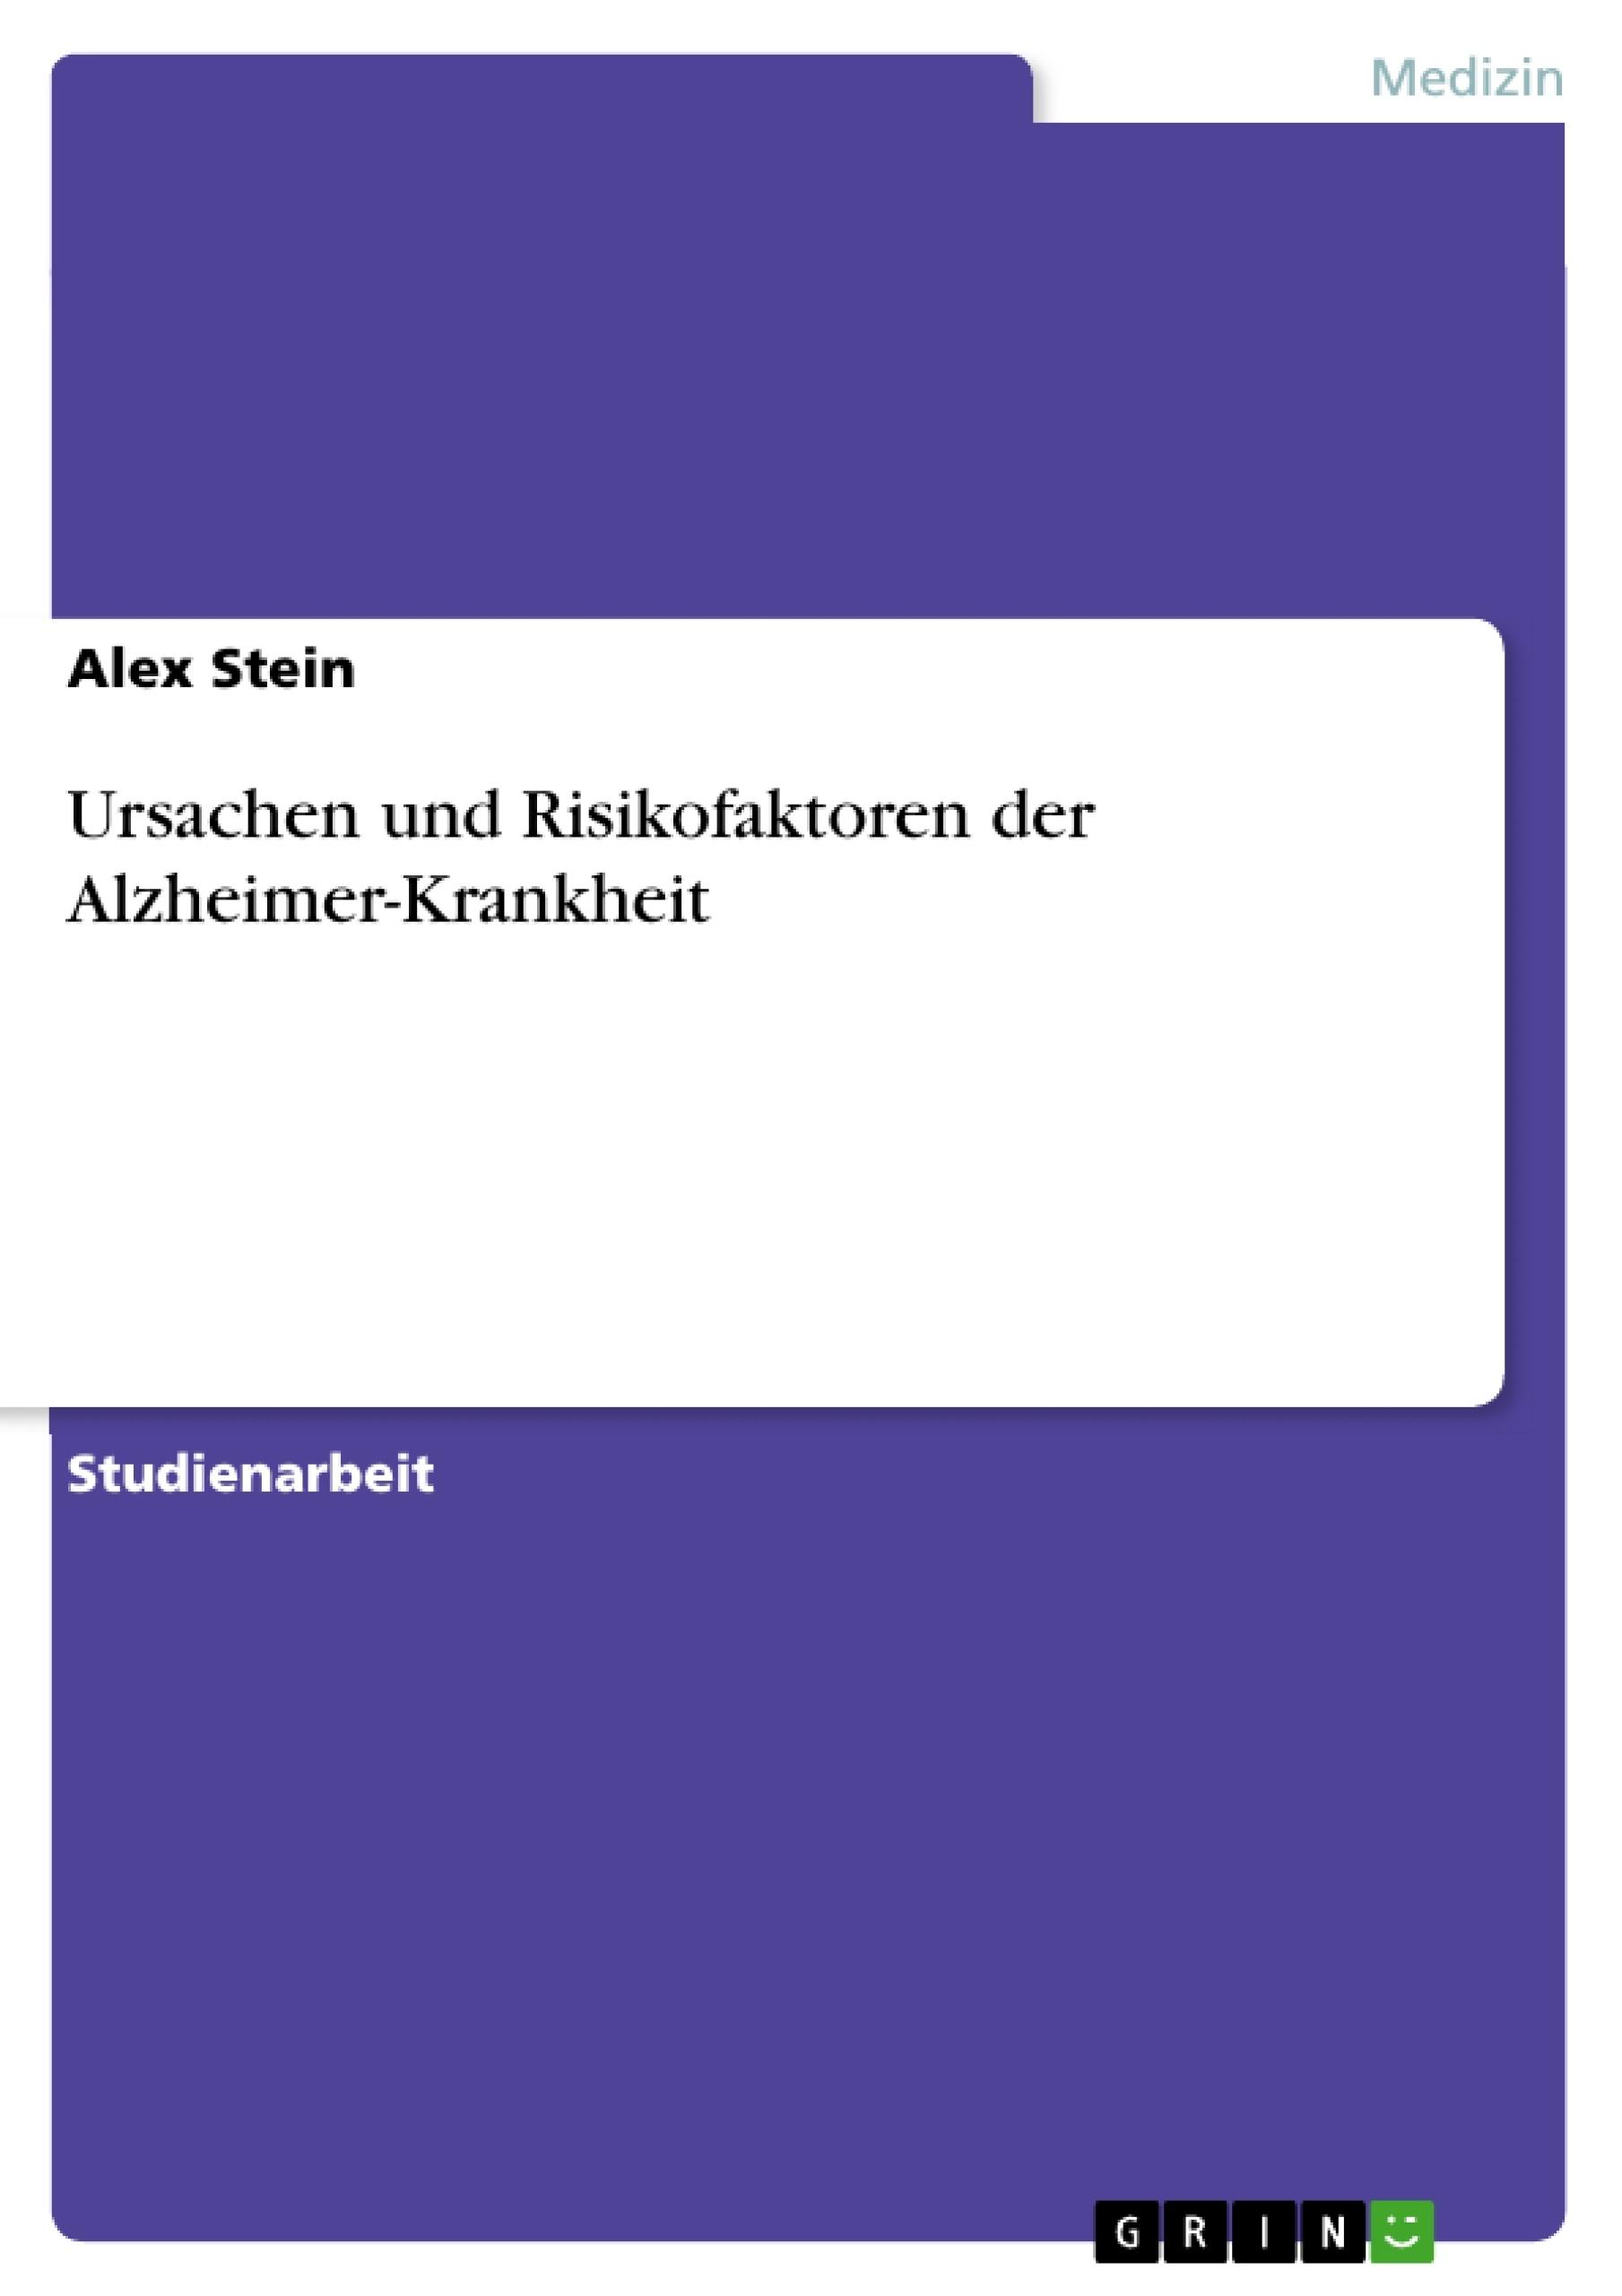 Titel: Ursachen und Risikofaktoren der Alzheimer-Krankheit